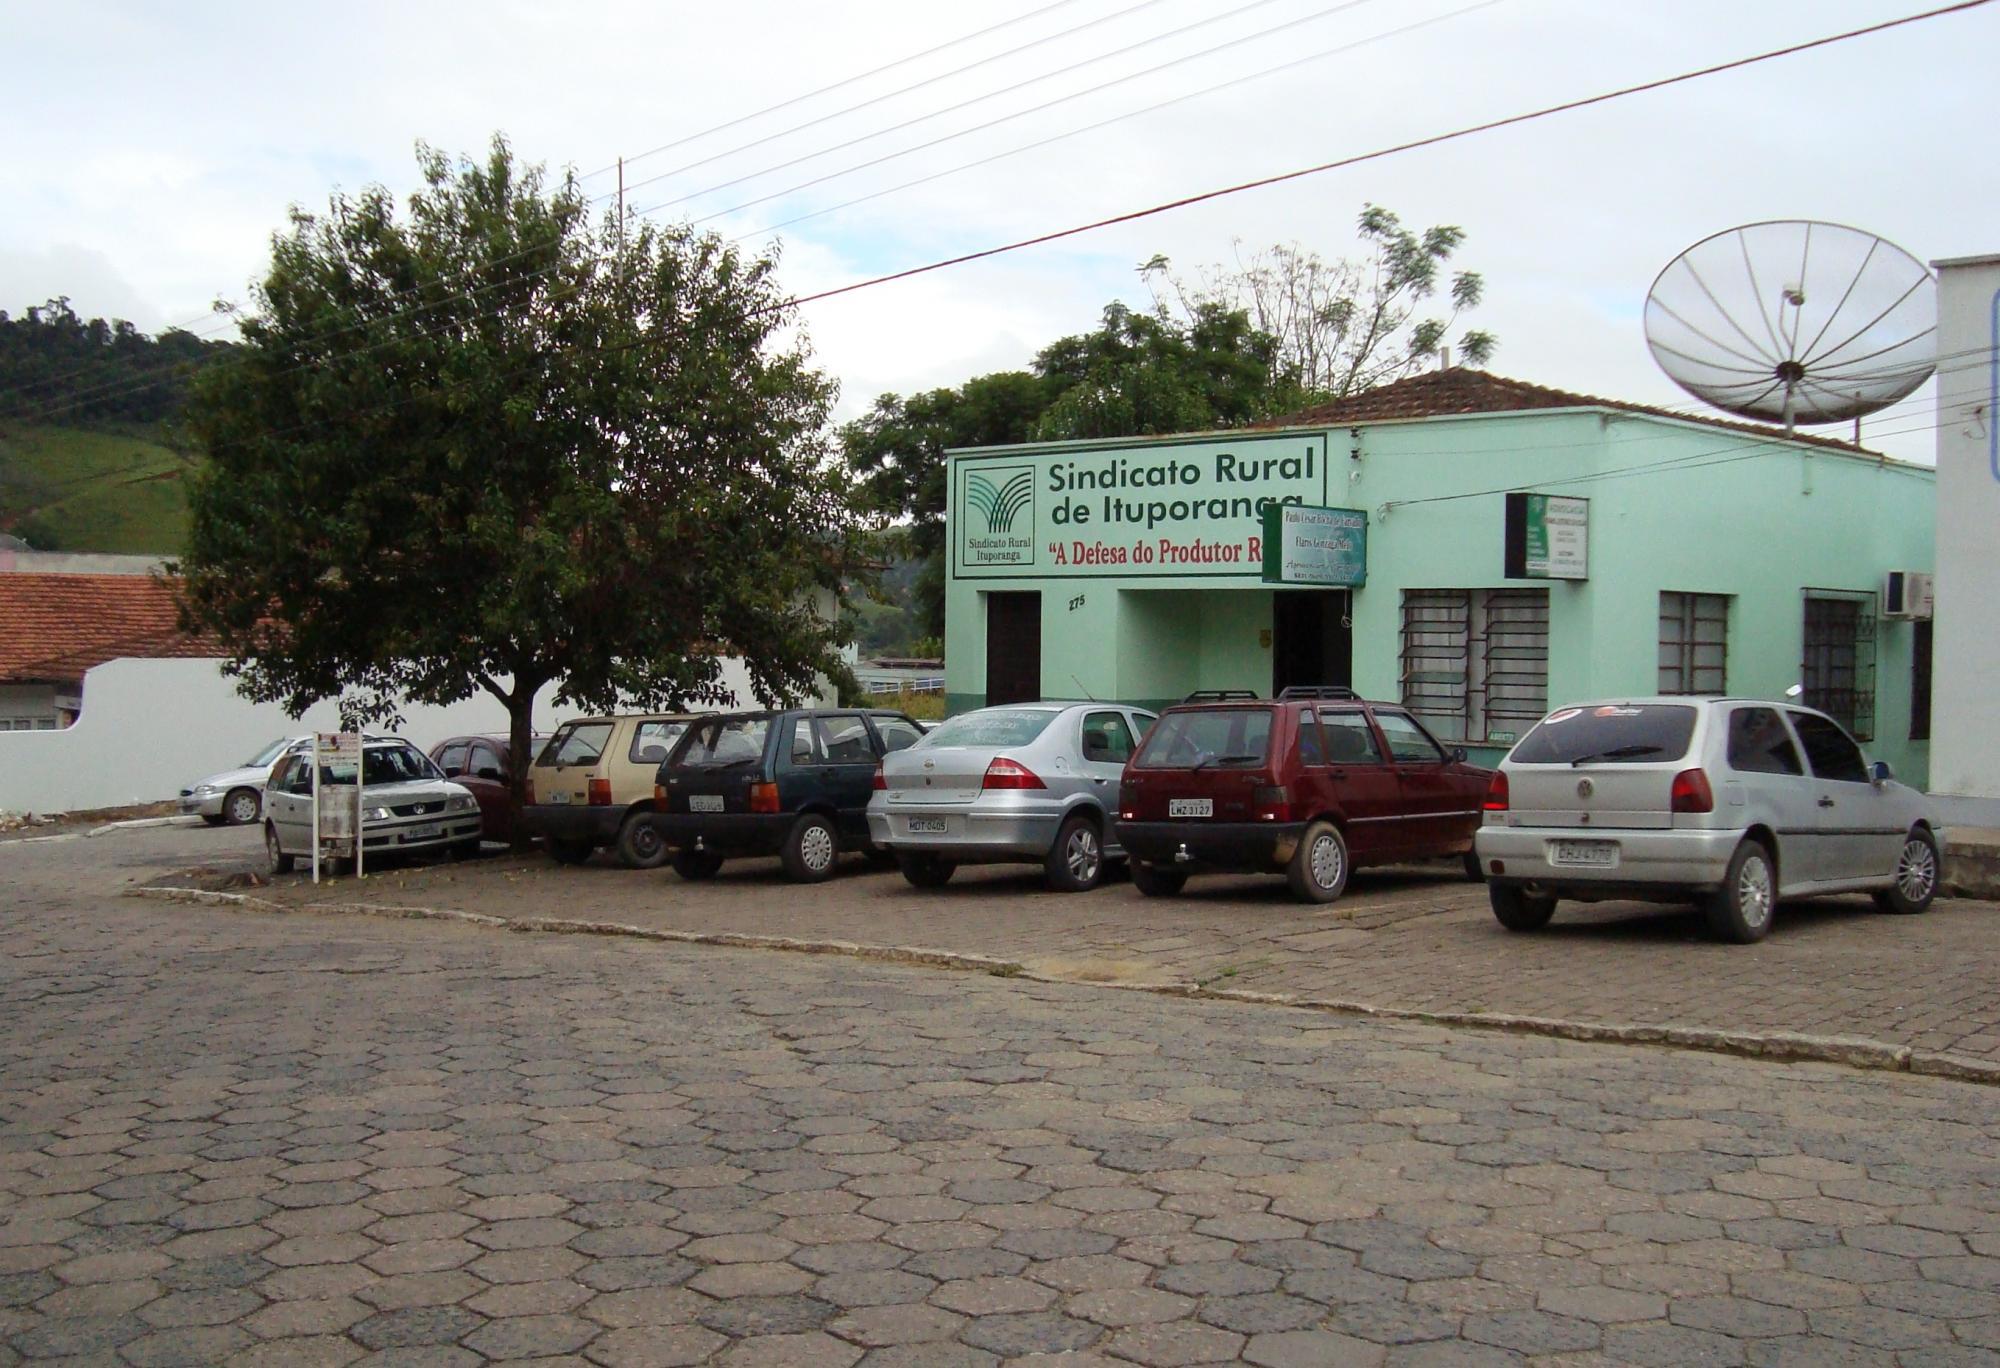 Sindicato Rural de Ituporanga realiza eleição da nova diretoria na segunda-feira